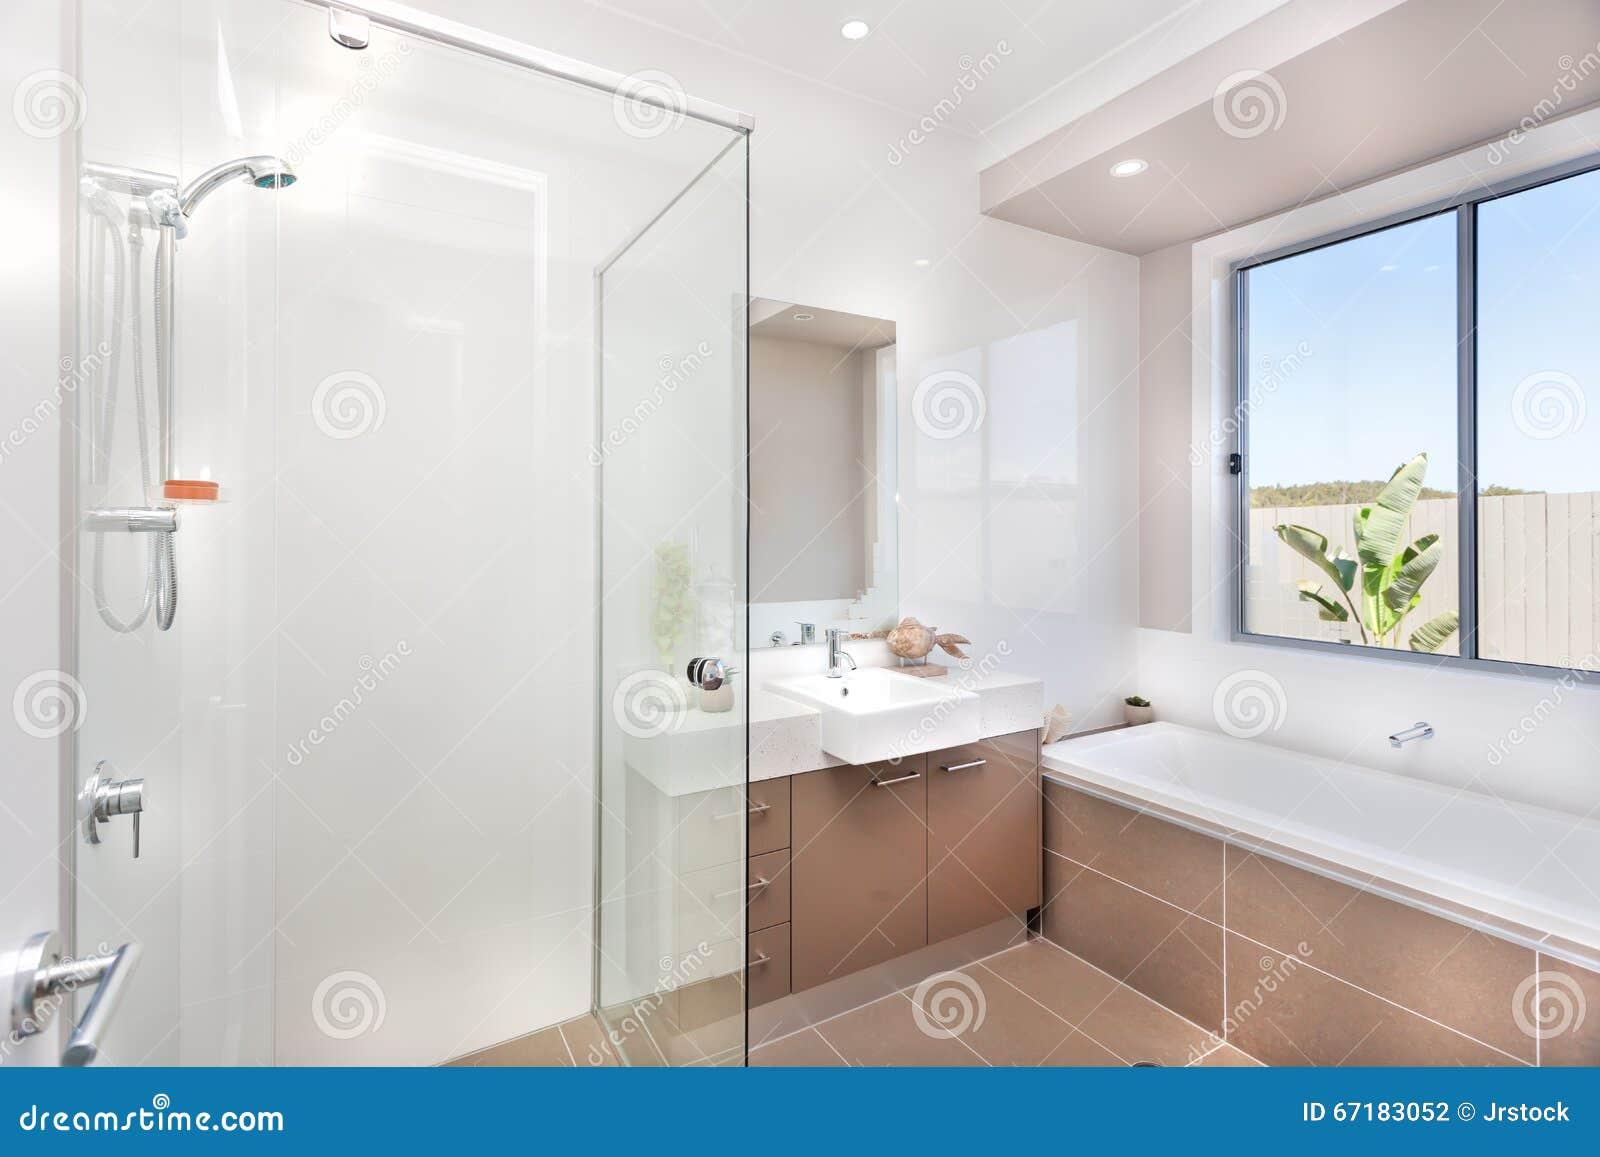 Bagno Moderno Con Un Rubinetto, La Vasca Di Acqua E Un Pavimento Di Marrone Scuro Fotografia ...